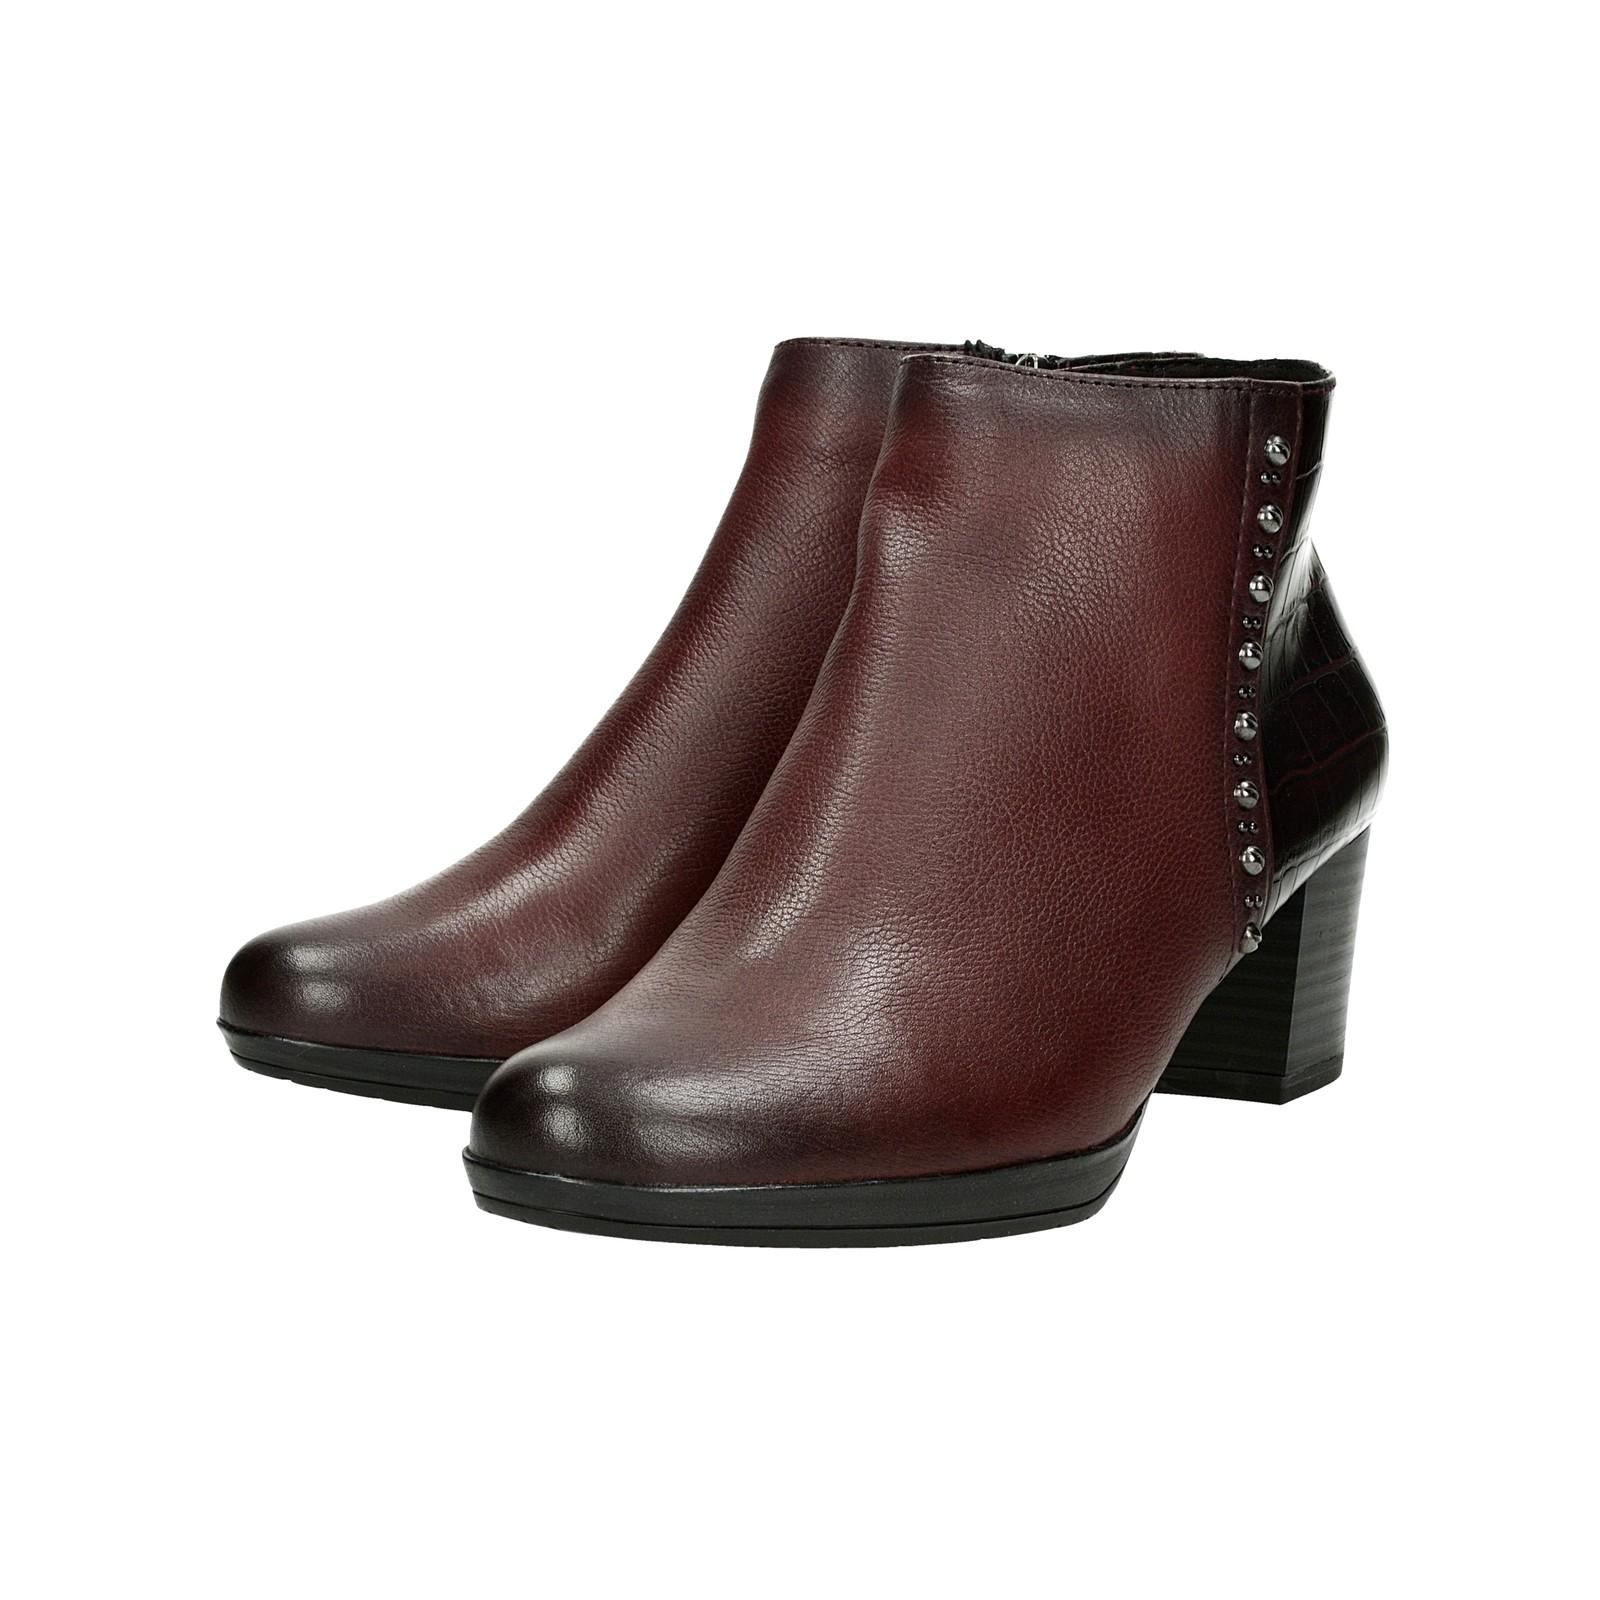 b707832917 Marco Tozzi dámské kožené kotníkové boty - bordó ...